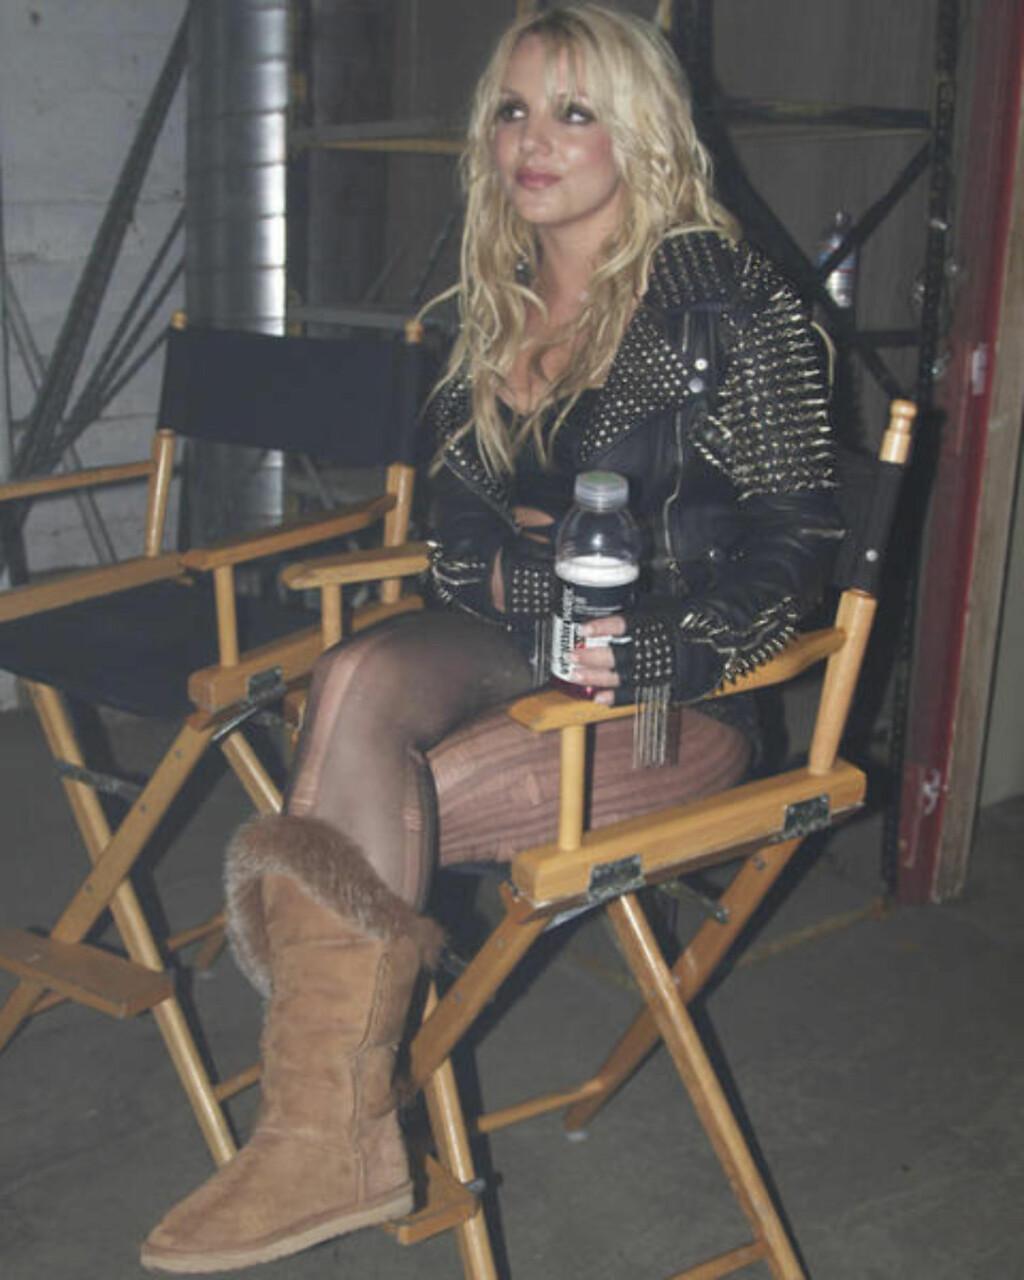 STJERNA SJØL: Britney Spears la ut dette bildet av seg selv på Twitter under innspillingen. Foto: Privat